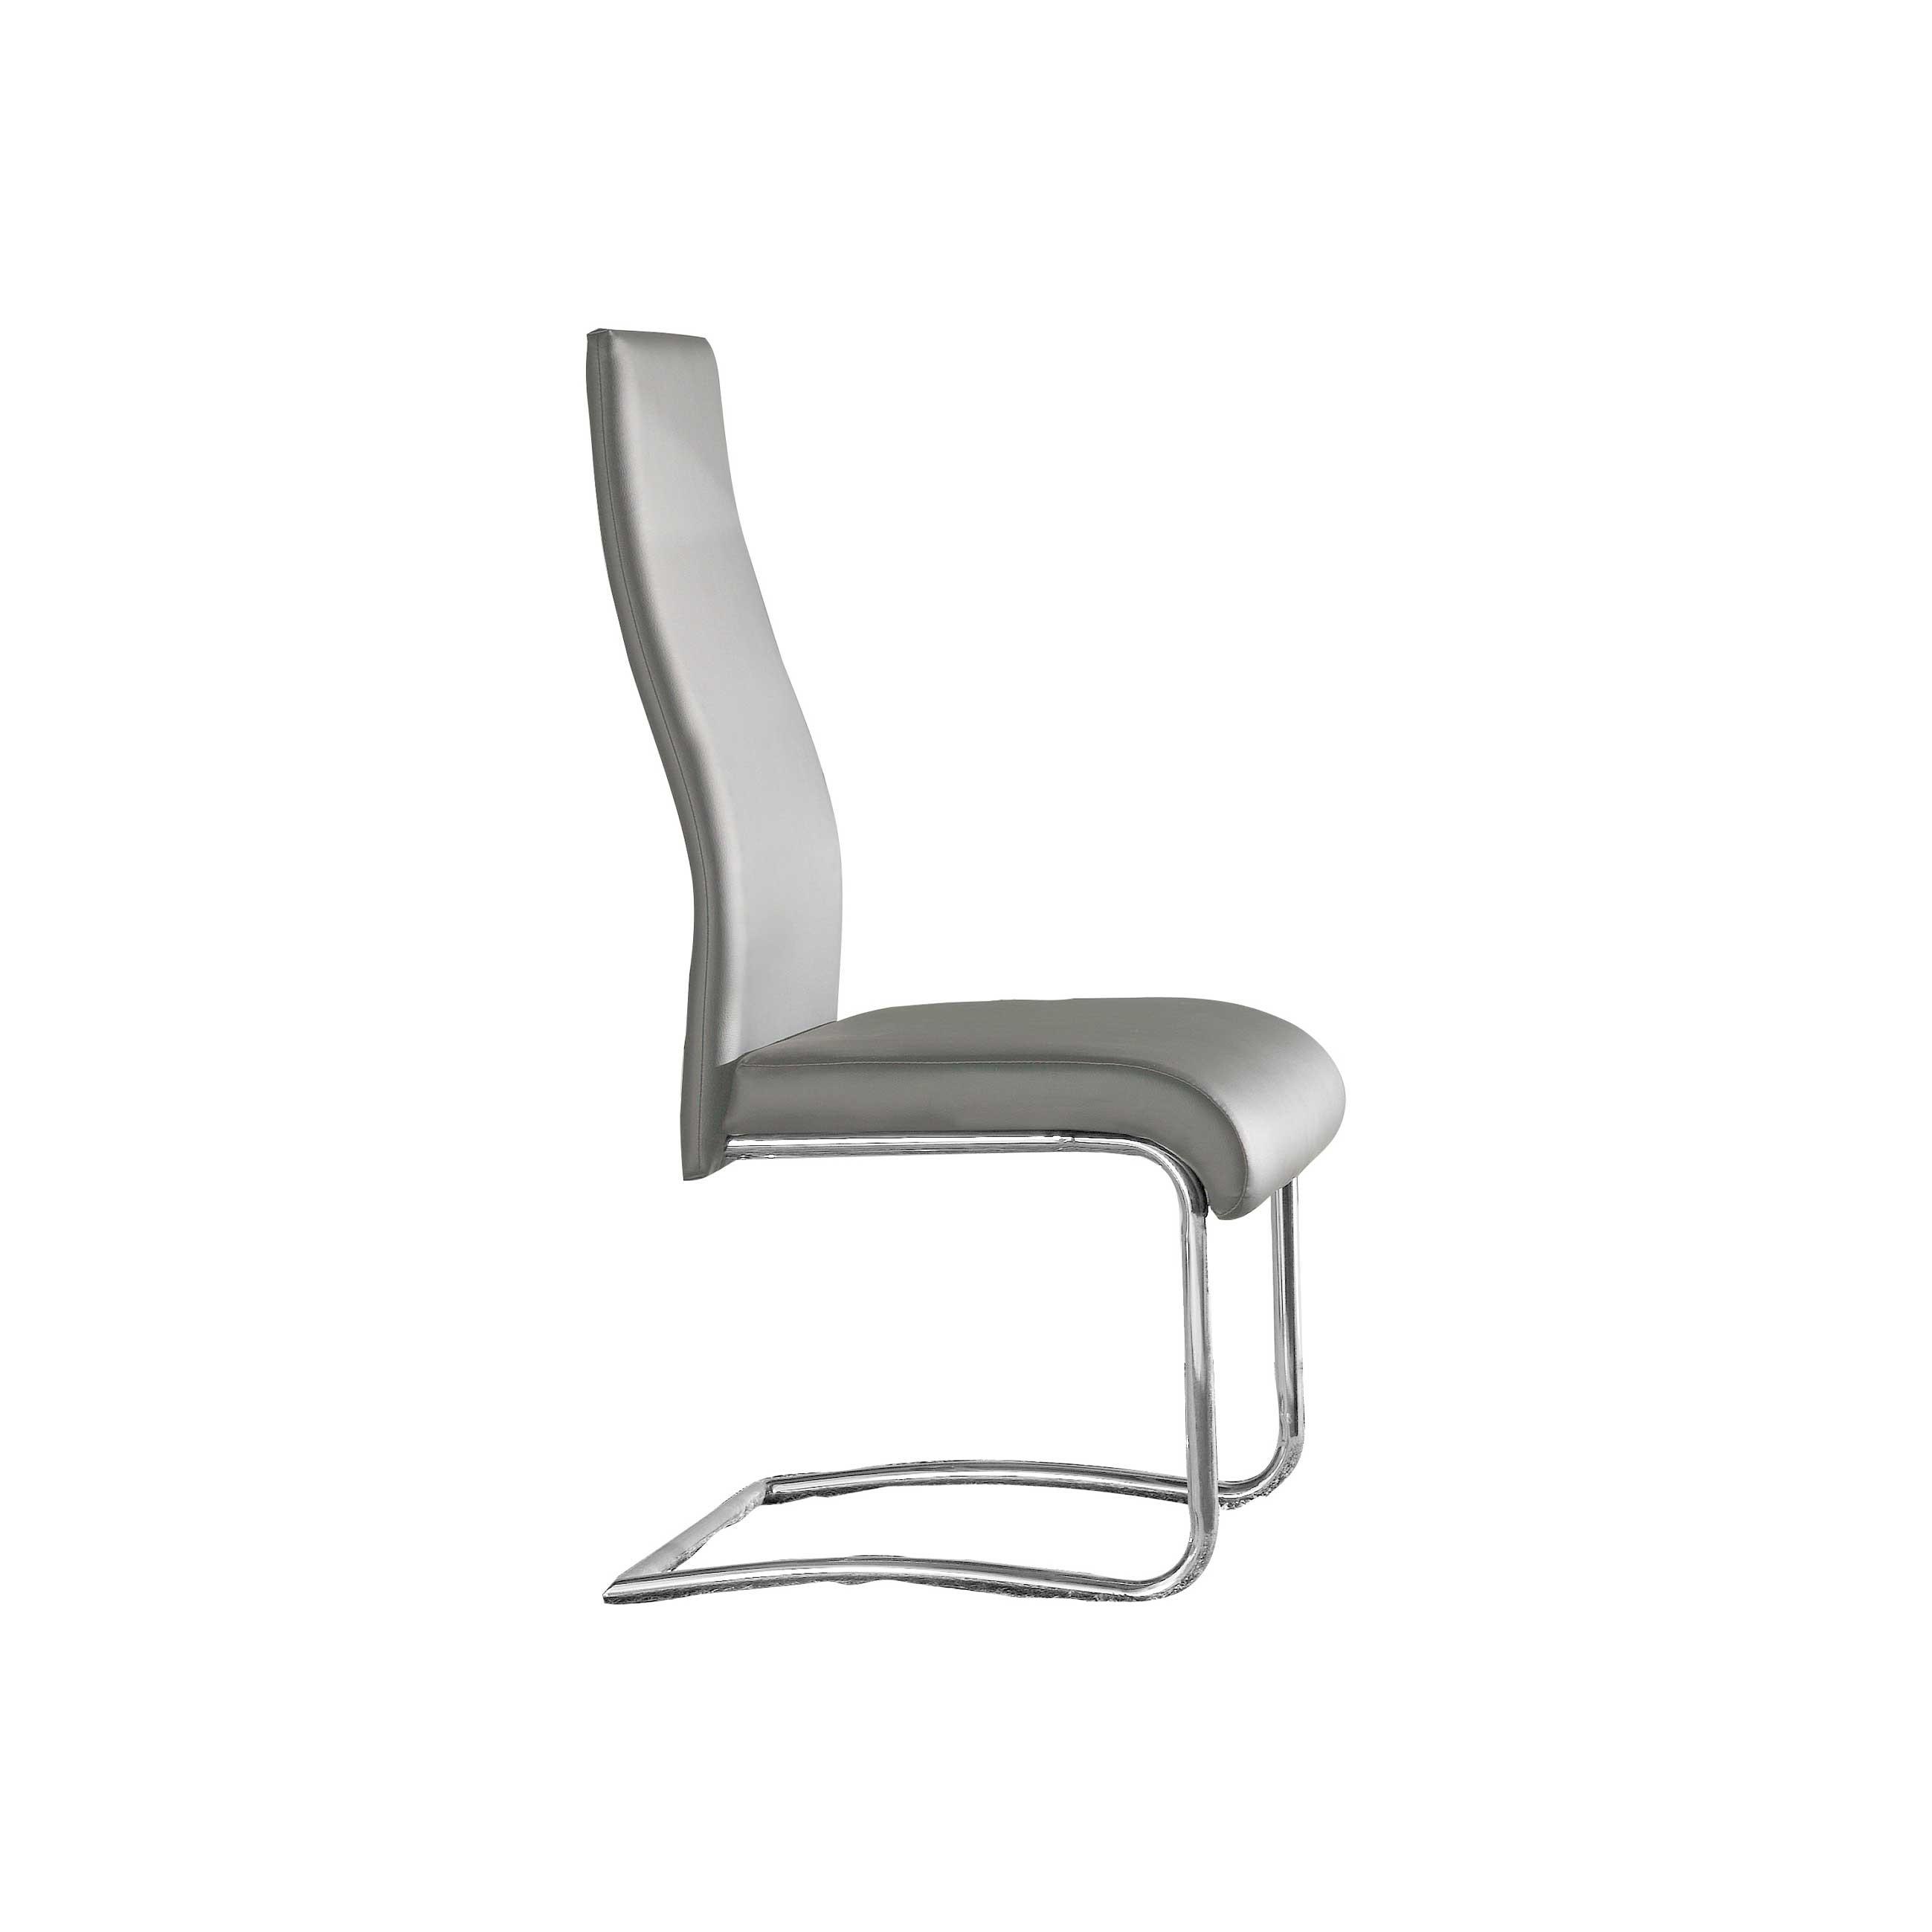 Pack 4 sillas polipiel color gris